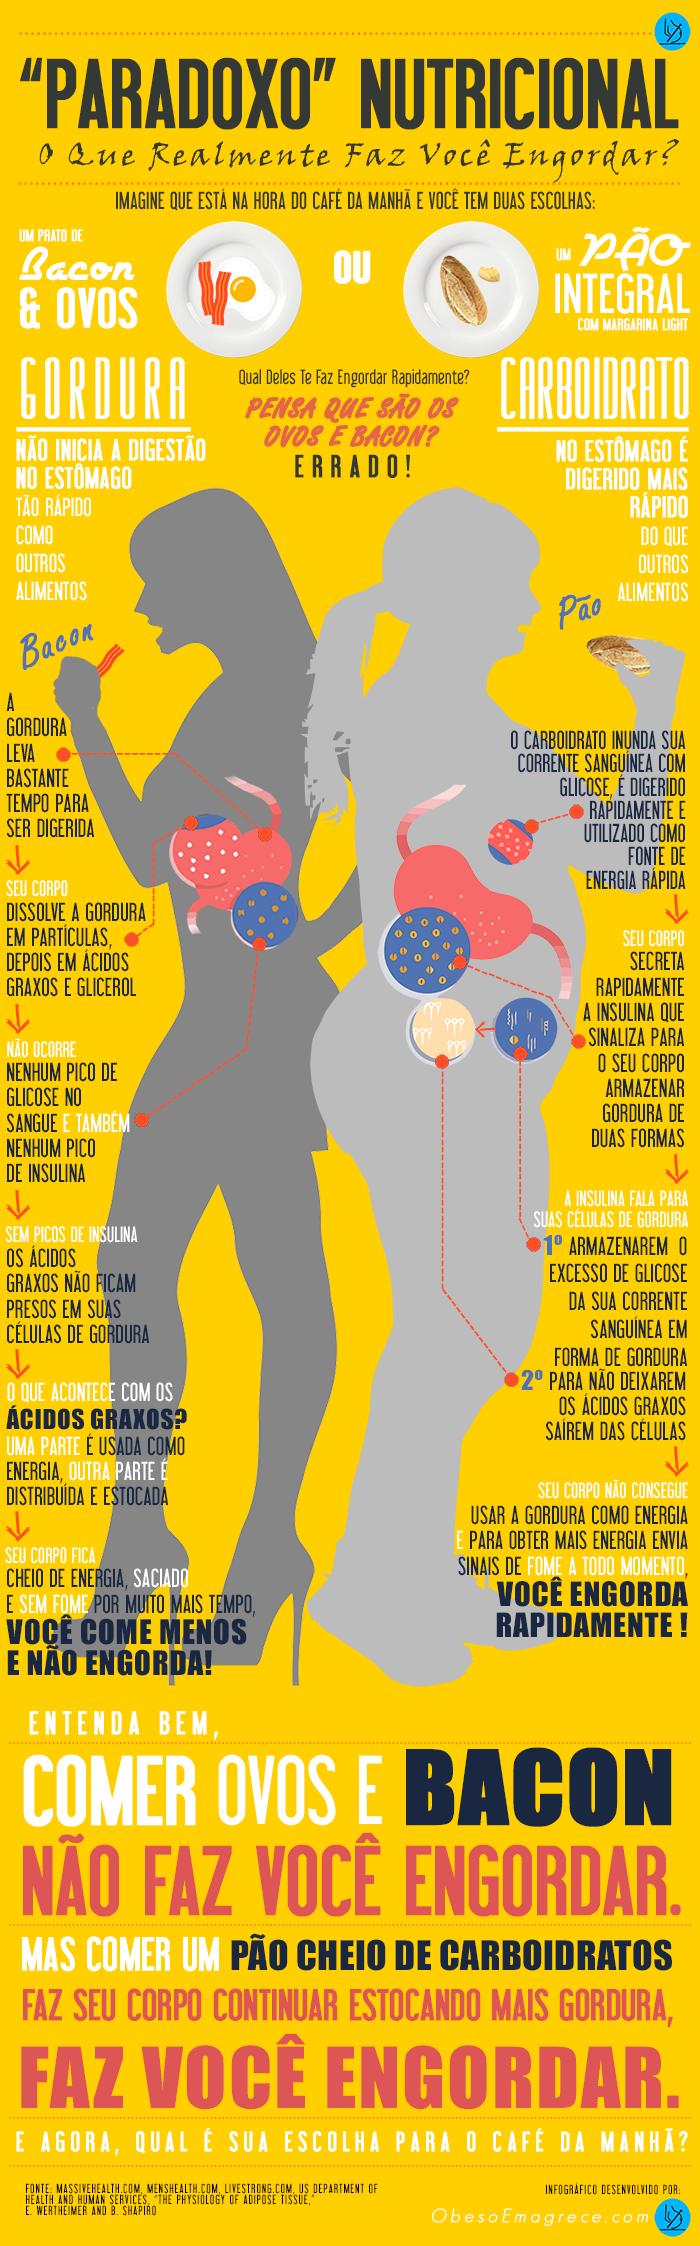 paradoxo-nutricional-700